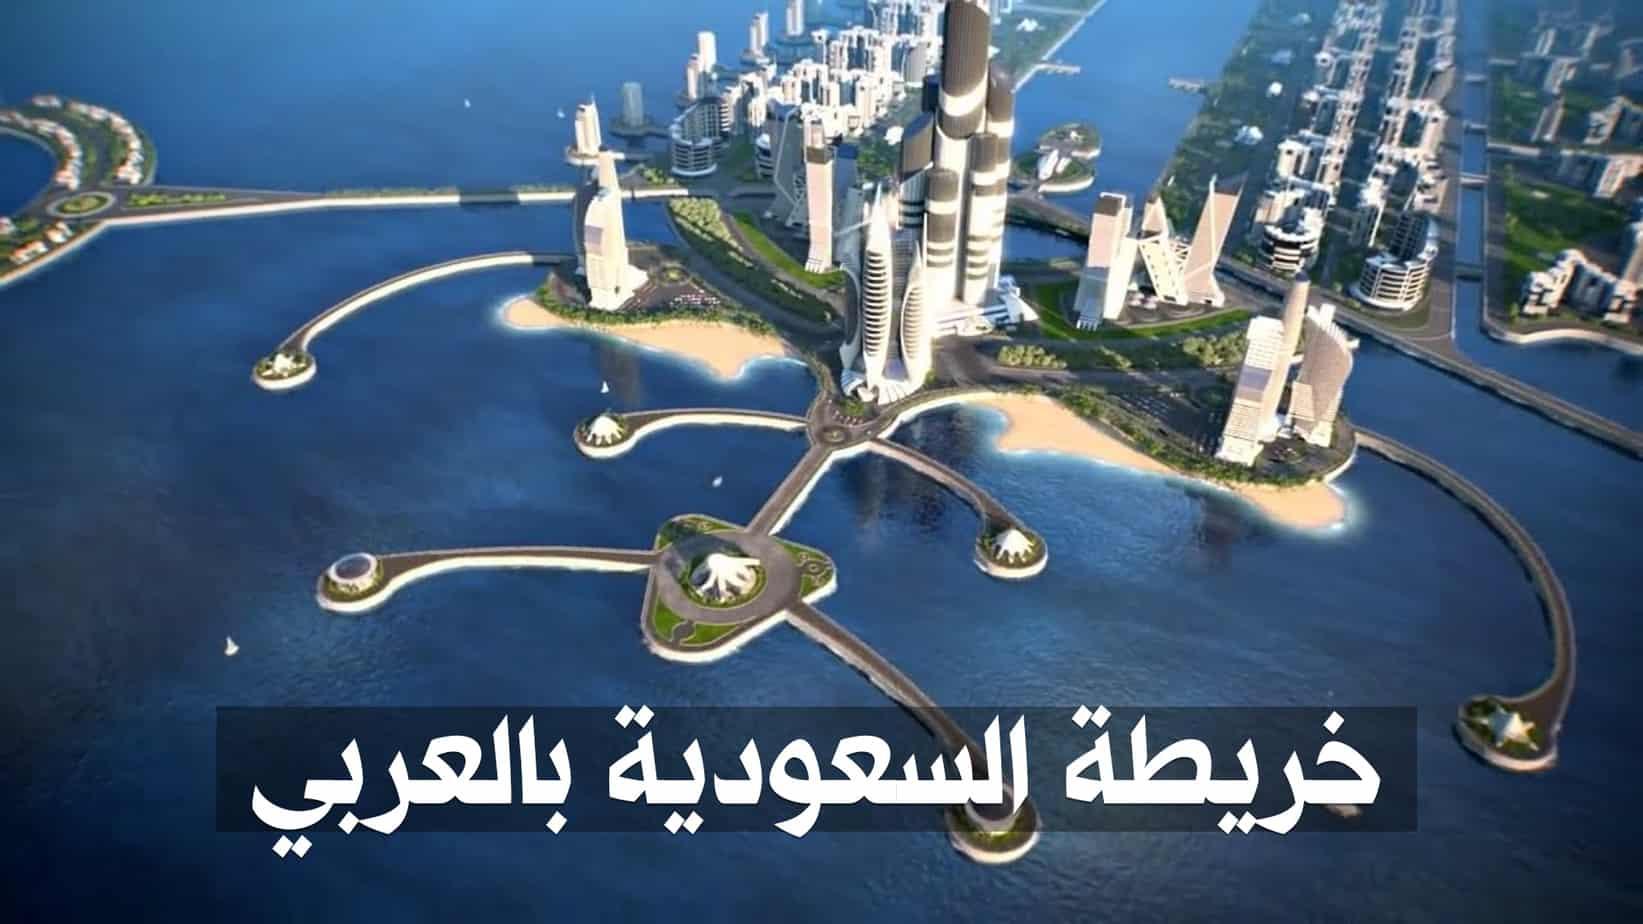 خريطة السعودية بالعربي شامله بالصور | عطلات